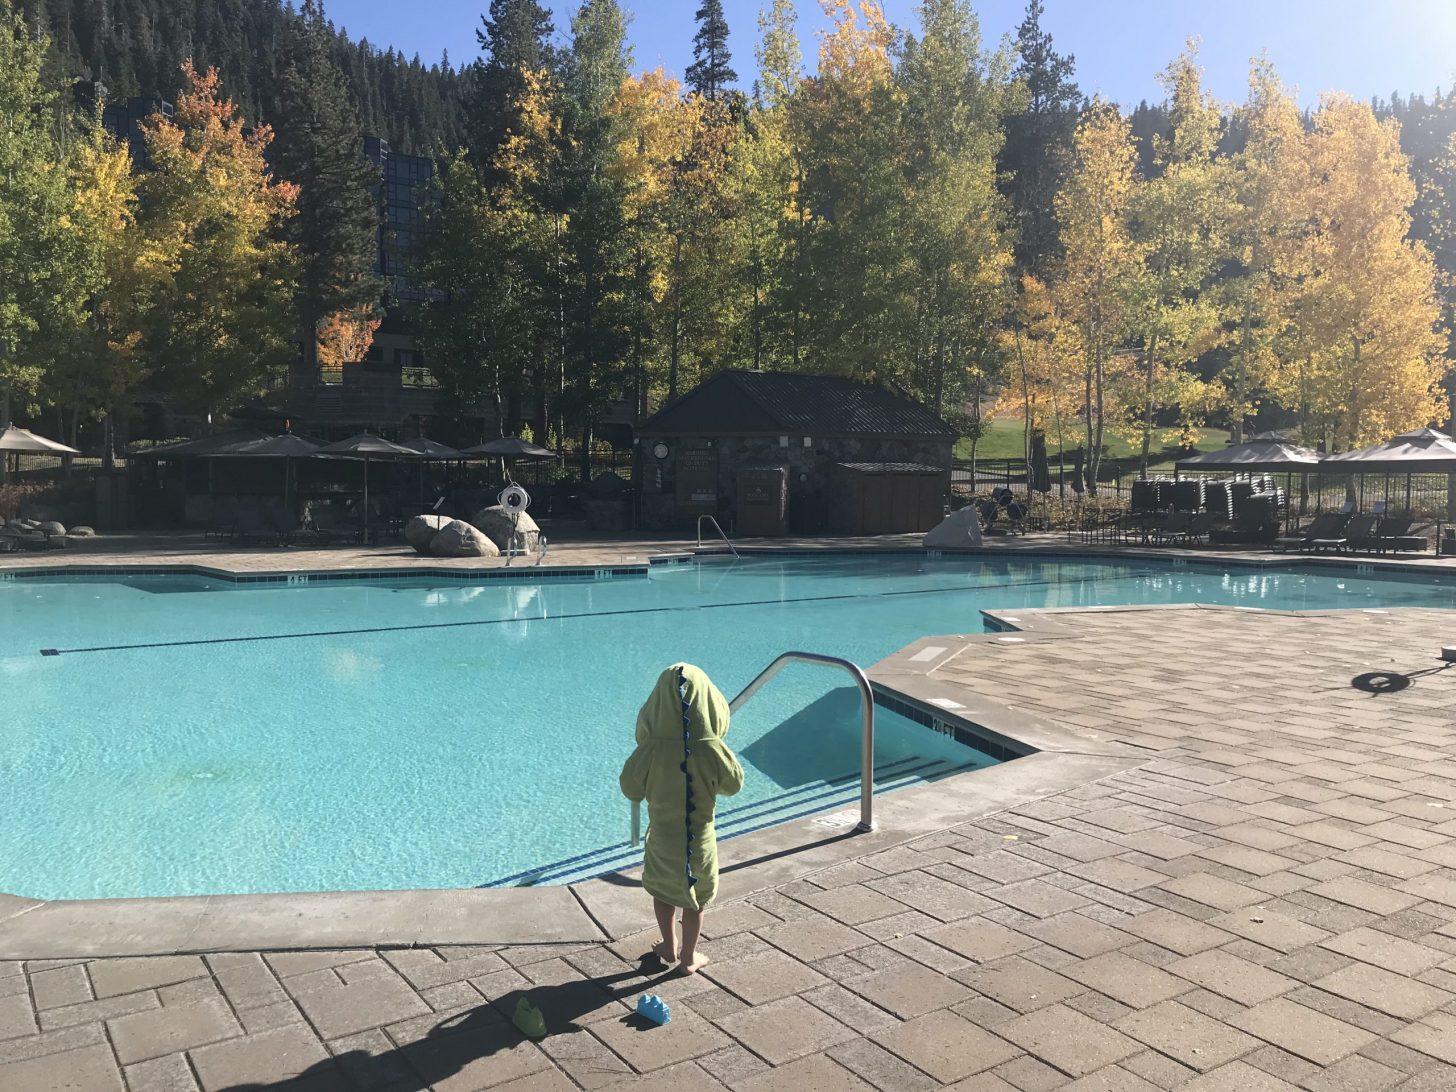 Prendre des vacances pendant une pandémie - piscine vide la plupart du temps